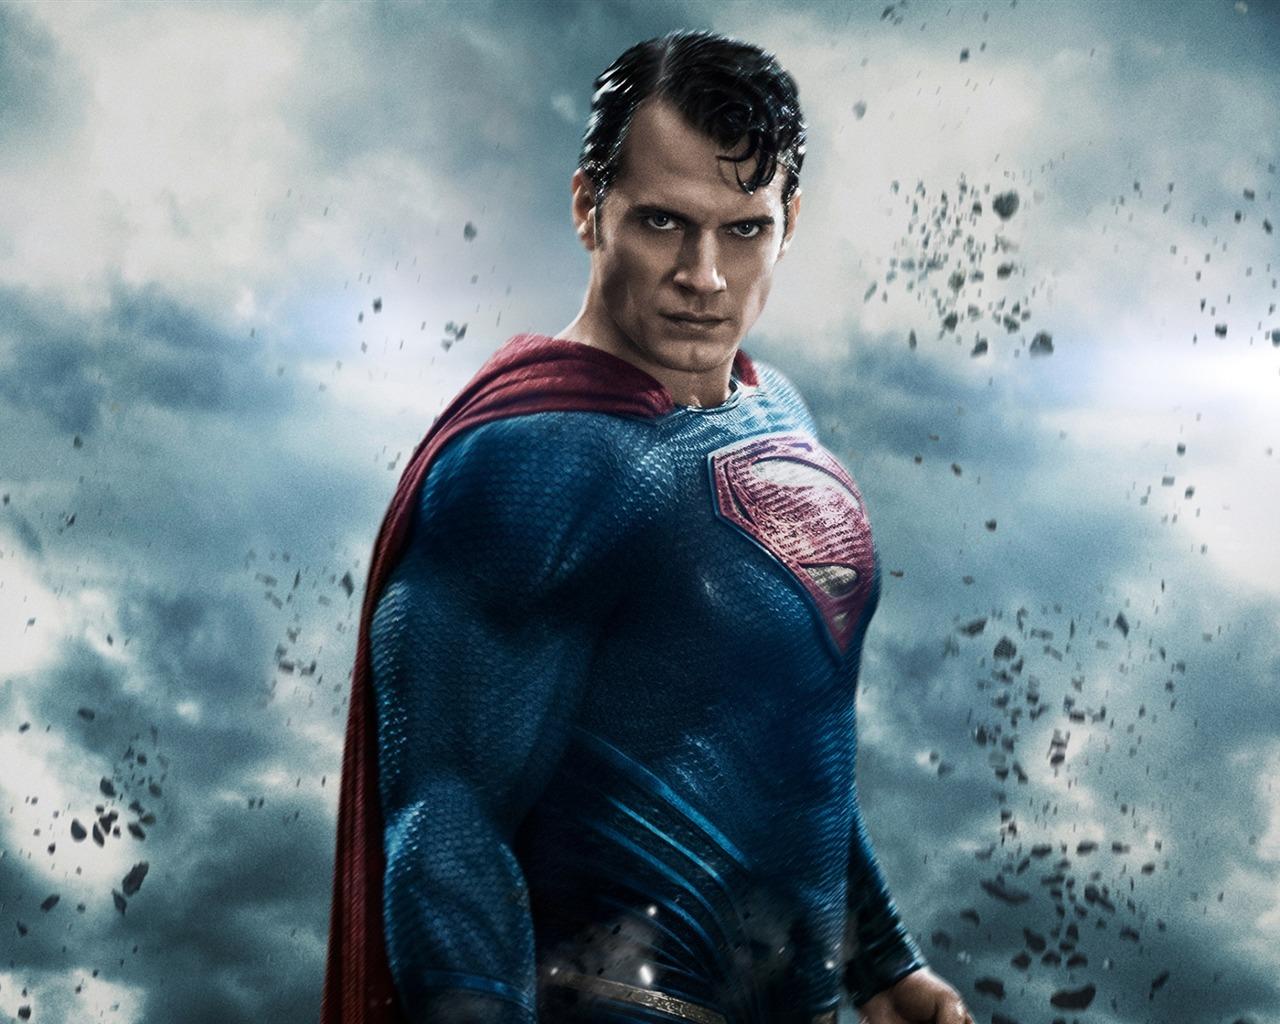 金刚狼电影_亨利卡维尔蝙蝠侠超人v-电影高品质的壁纸预览 | 10wallpaper.com